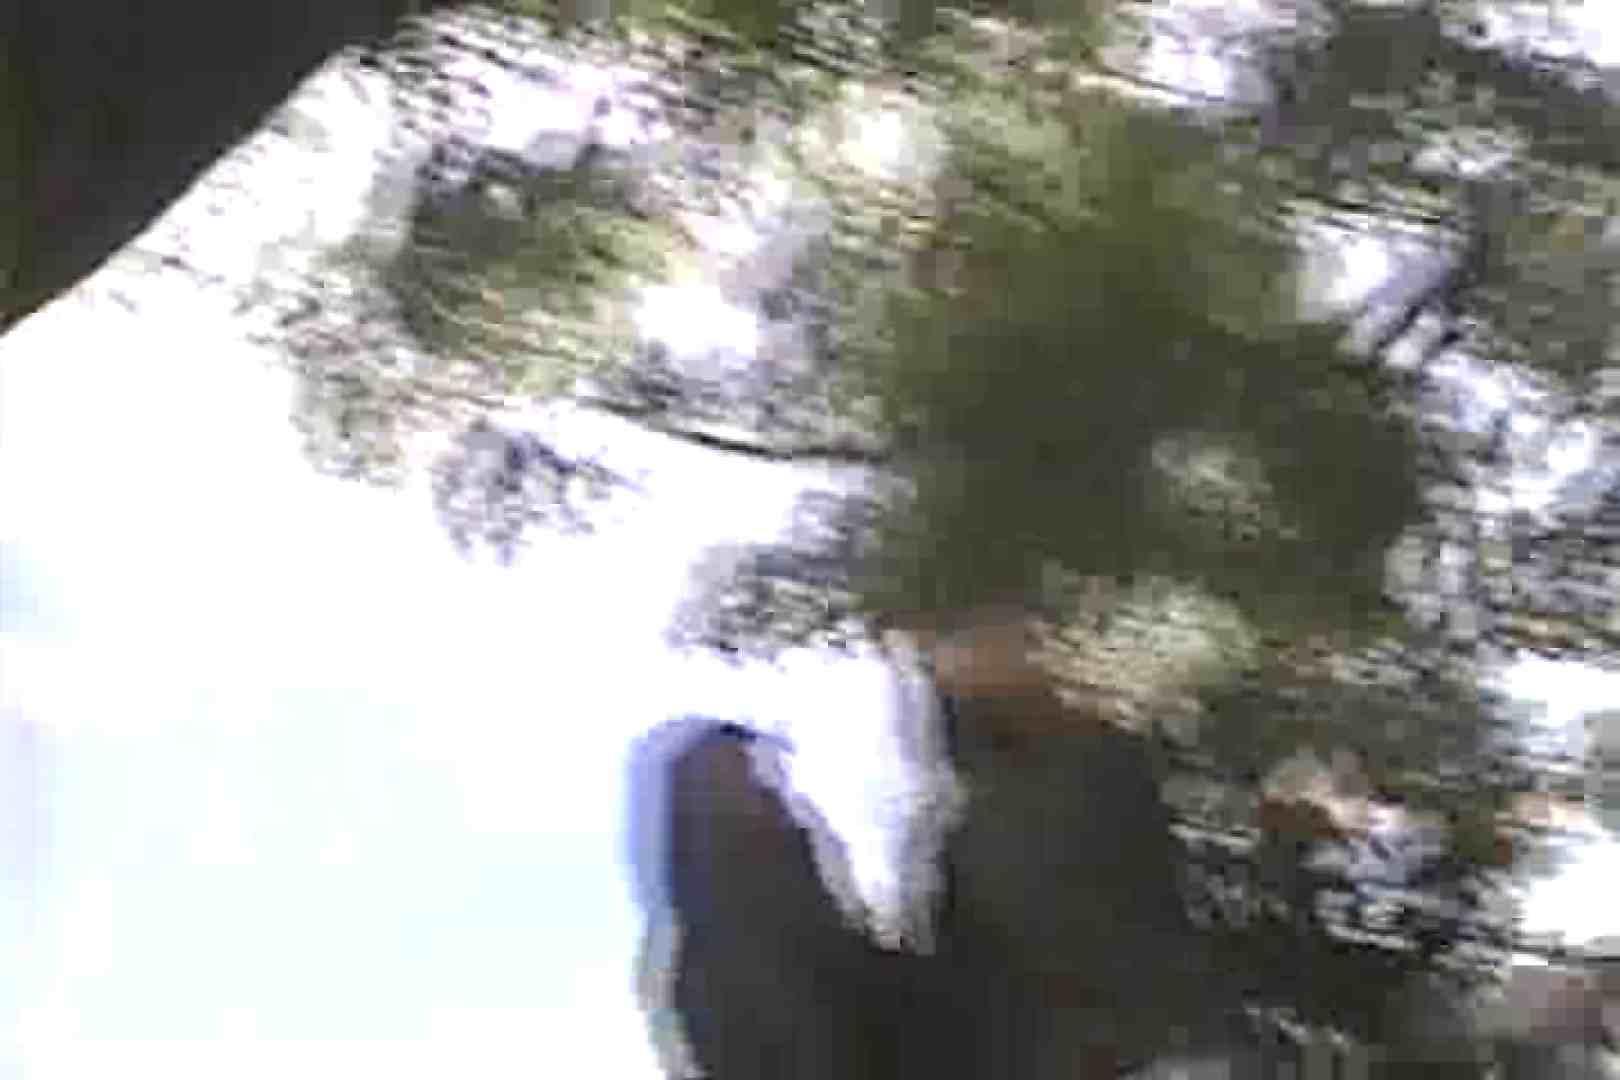 「ちくりん」さんのオリジナル未編集パンチラVol.2_02 チラ  84PIX 84